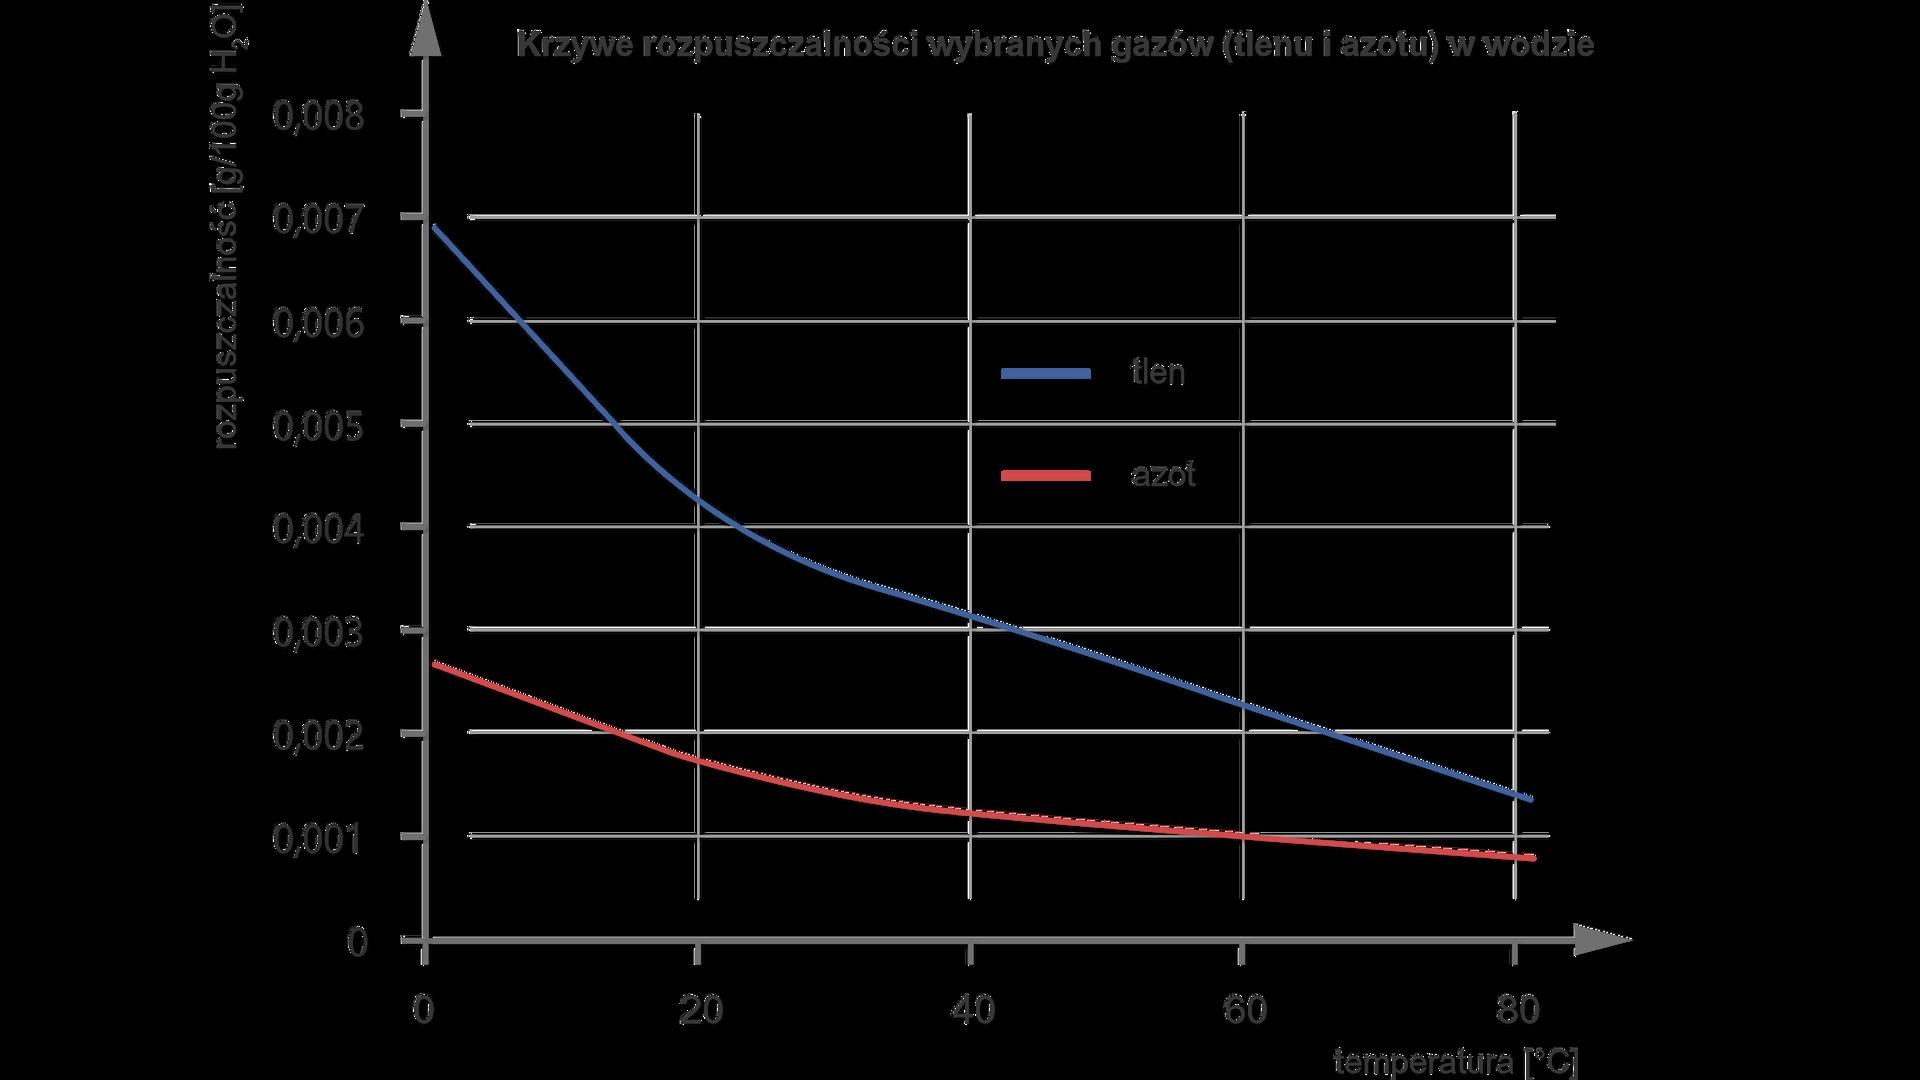 Krzywe rozpuszczalności wybranych gazów (tlenu iazotu) wwodzie. Wykres zależności temperatury na osi Xod rozpuszczalności (gram na sto gramów wody) na osi Y. Na osi Xskala od zera do osiemdziesięciu stopni. Na osi Yskala od zera do 0,008. Krzywa przedstawiająca azot biegnie od wartości zero na osi Xi0,0027 do wartości 81 na osi Xi0,0008 na osi Y. Krzywa tlenu biegnie od wartości zero na osi Xi0,007 na osi Ydo wartości 81 na osi Xiwartości 0,0014 na osi Y.